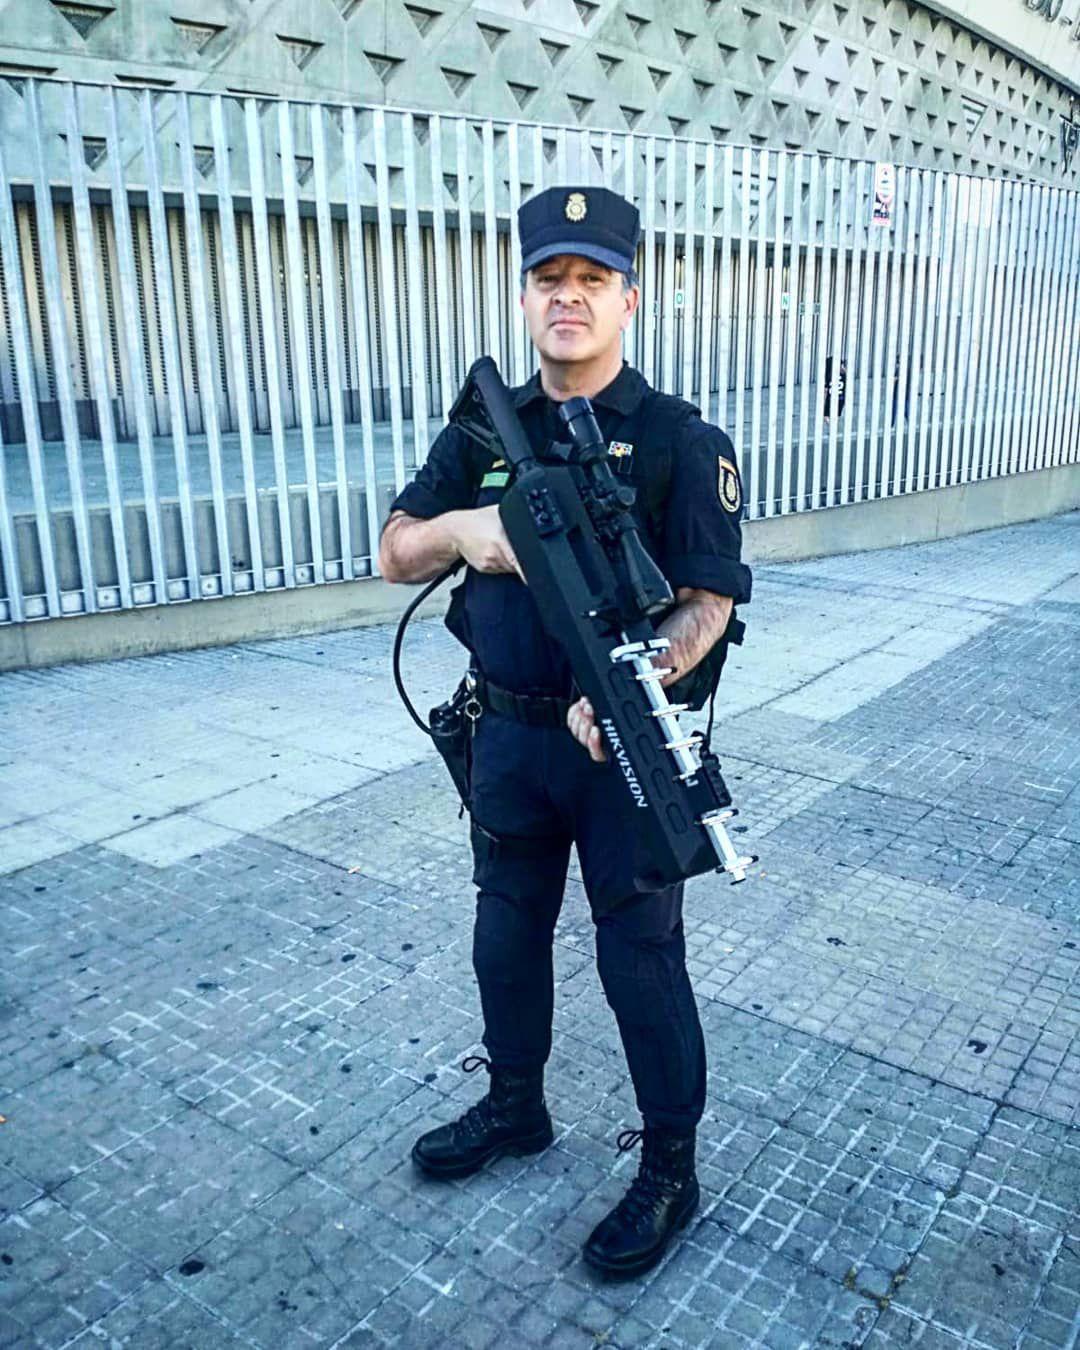 Un agente de la Policía Nacional portando el nuevo inhibidor de drones frente al Estadio Benito Villamarín, en Sevilla (@policíanacional)